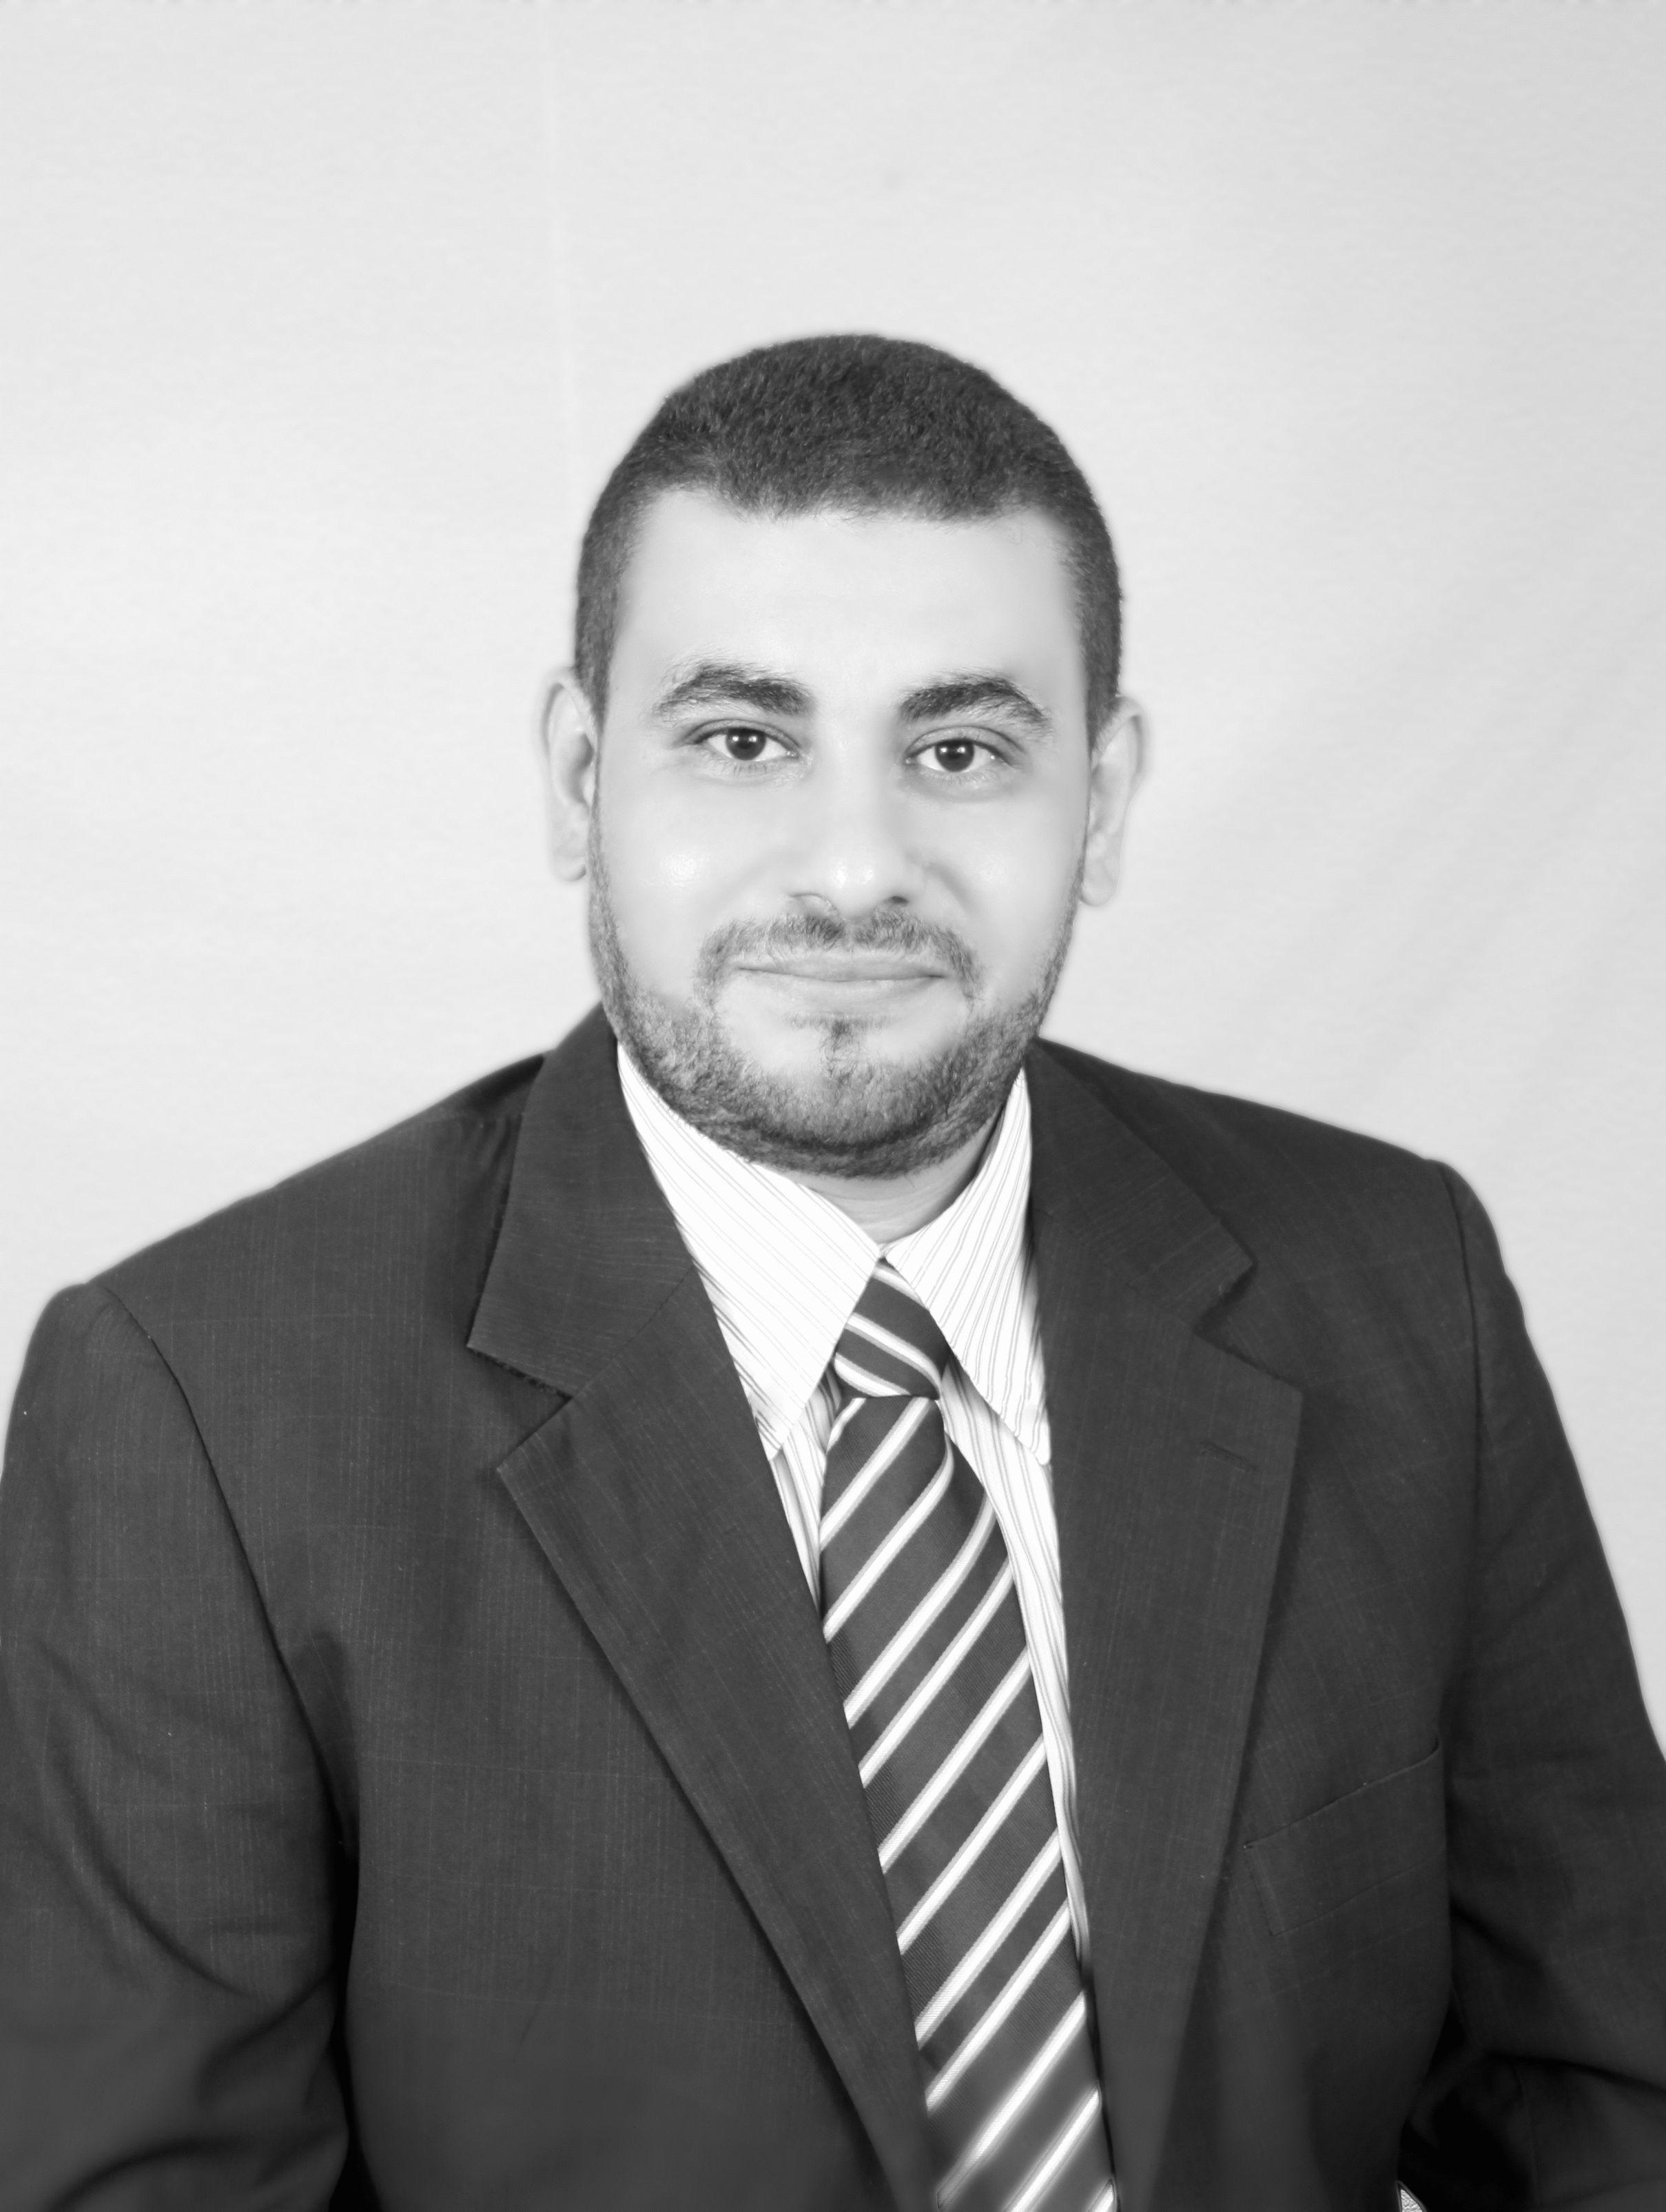 محمد أبو طربوش  Headshot